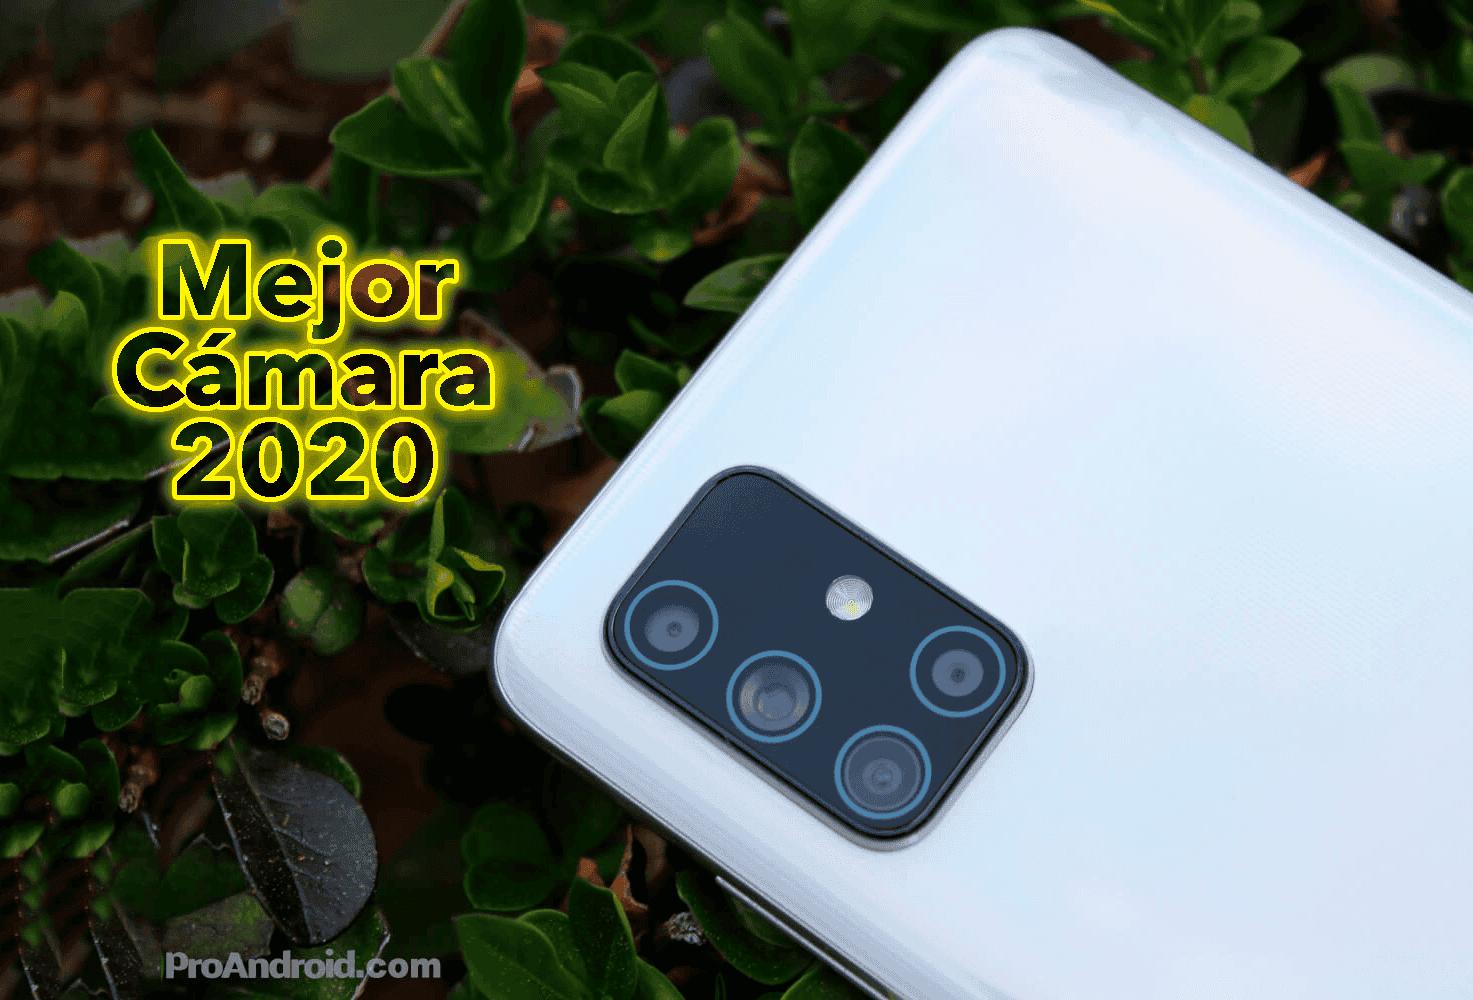 Este es el móvil con mejor cámara de 2020: no es ninguno de los que te imaginas